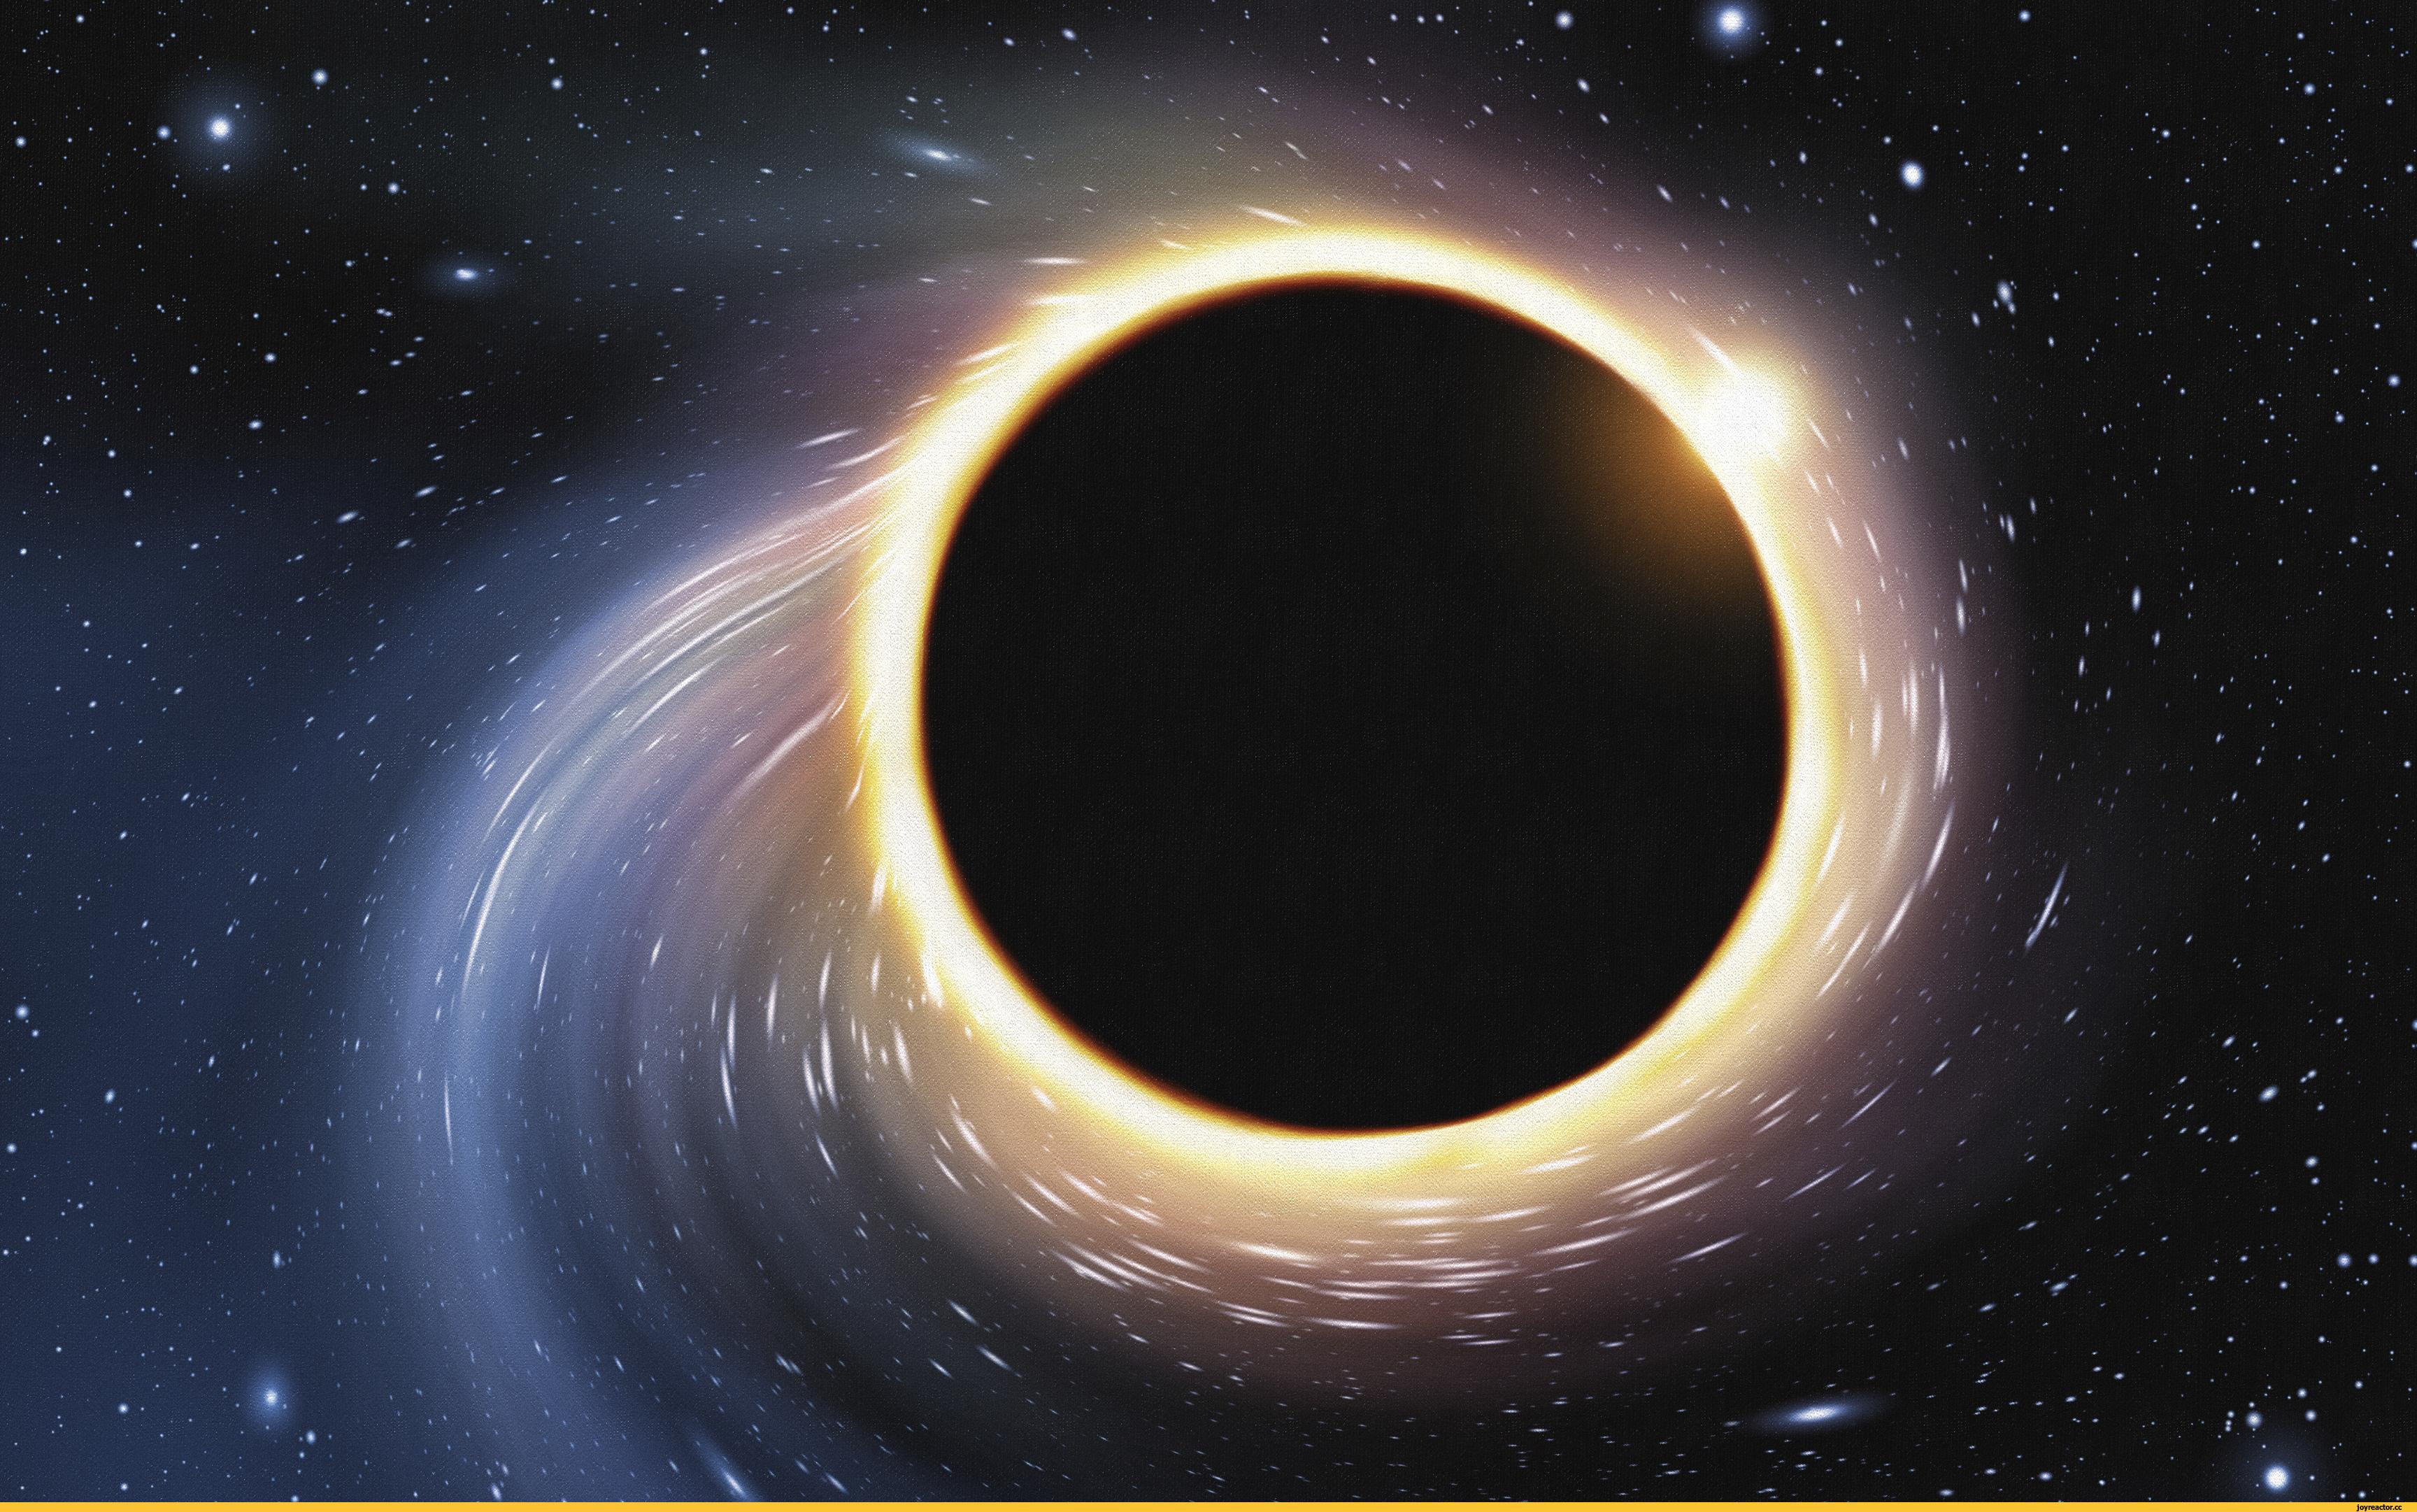 космос-астрономия-чёрная-дыра-28572281 Чёрная дыра подавилась звездой